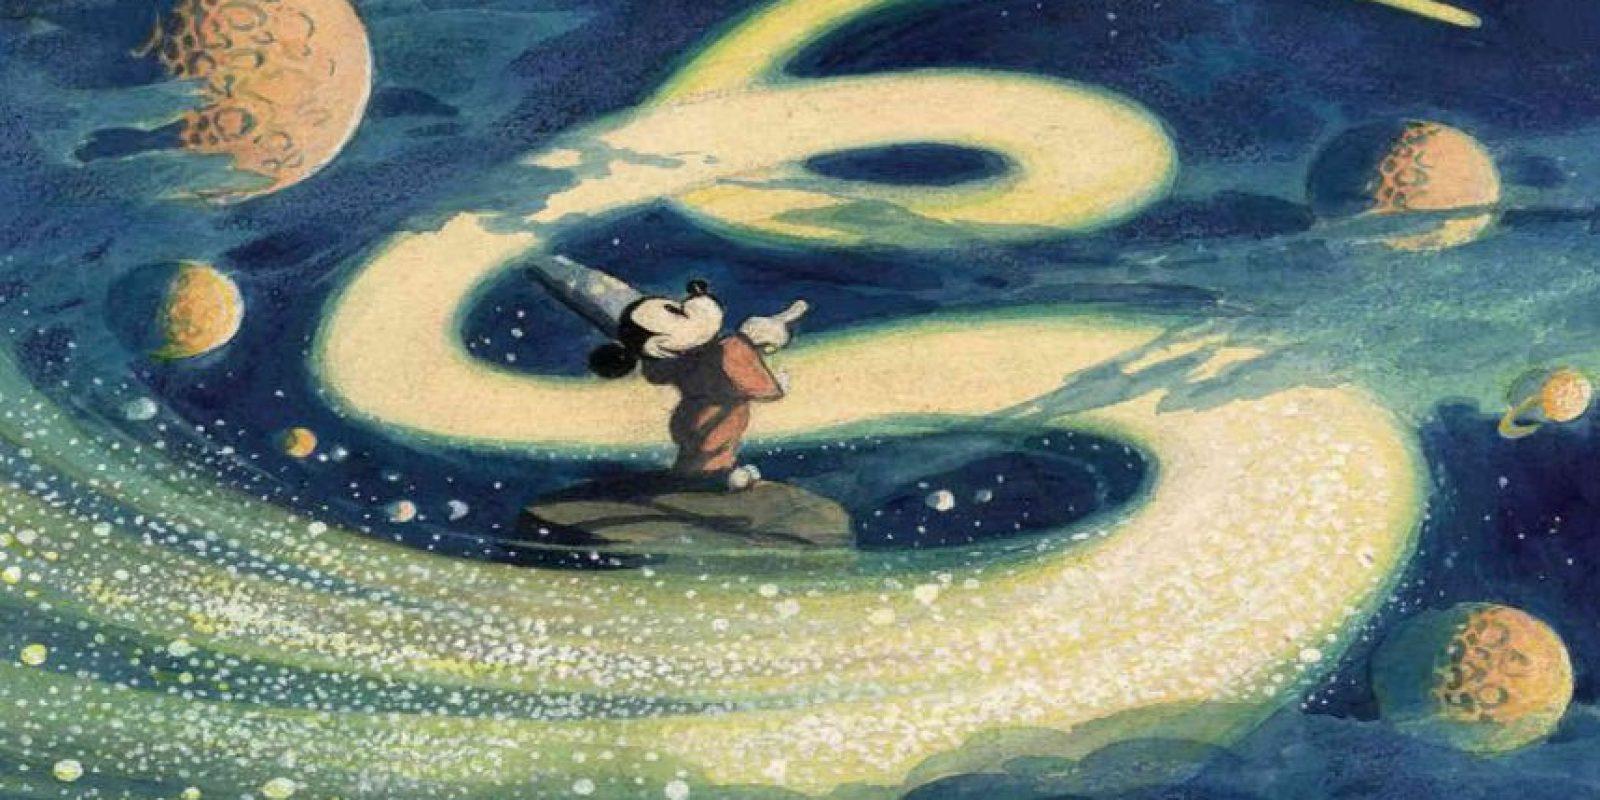 """Un boceto para """"Fantasía"""" o """"The Sorcerer's Apprentice"""" de 1940. Foto:Taschen/Disney"""